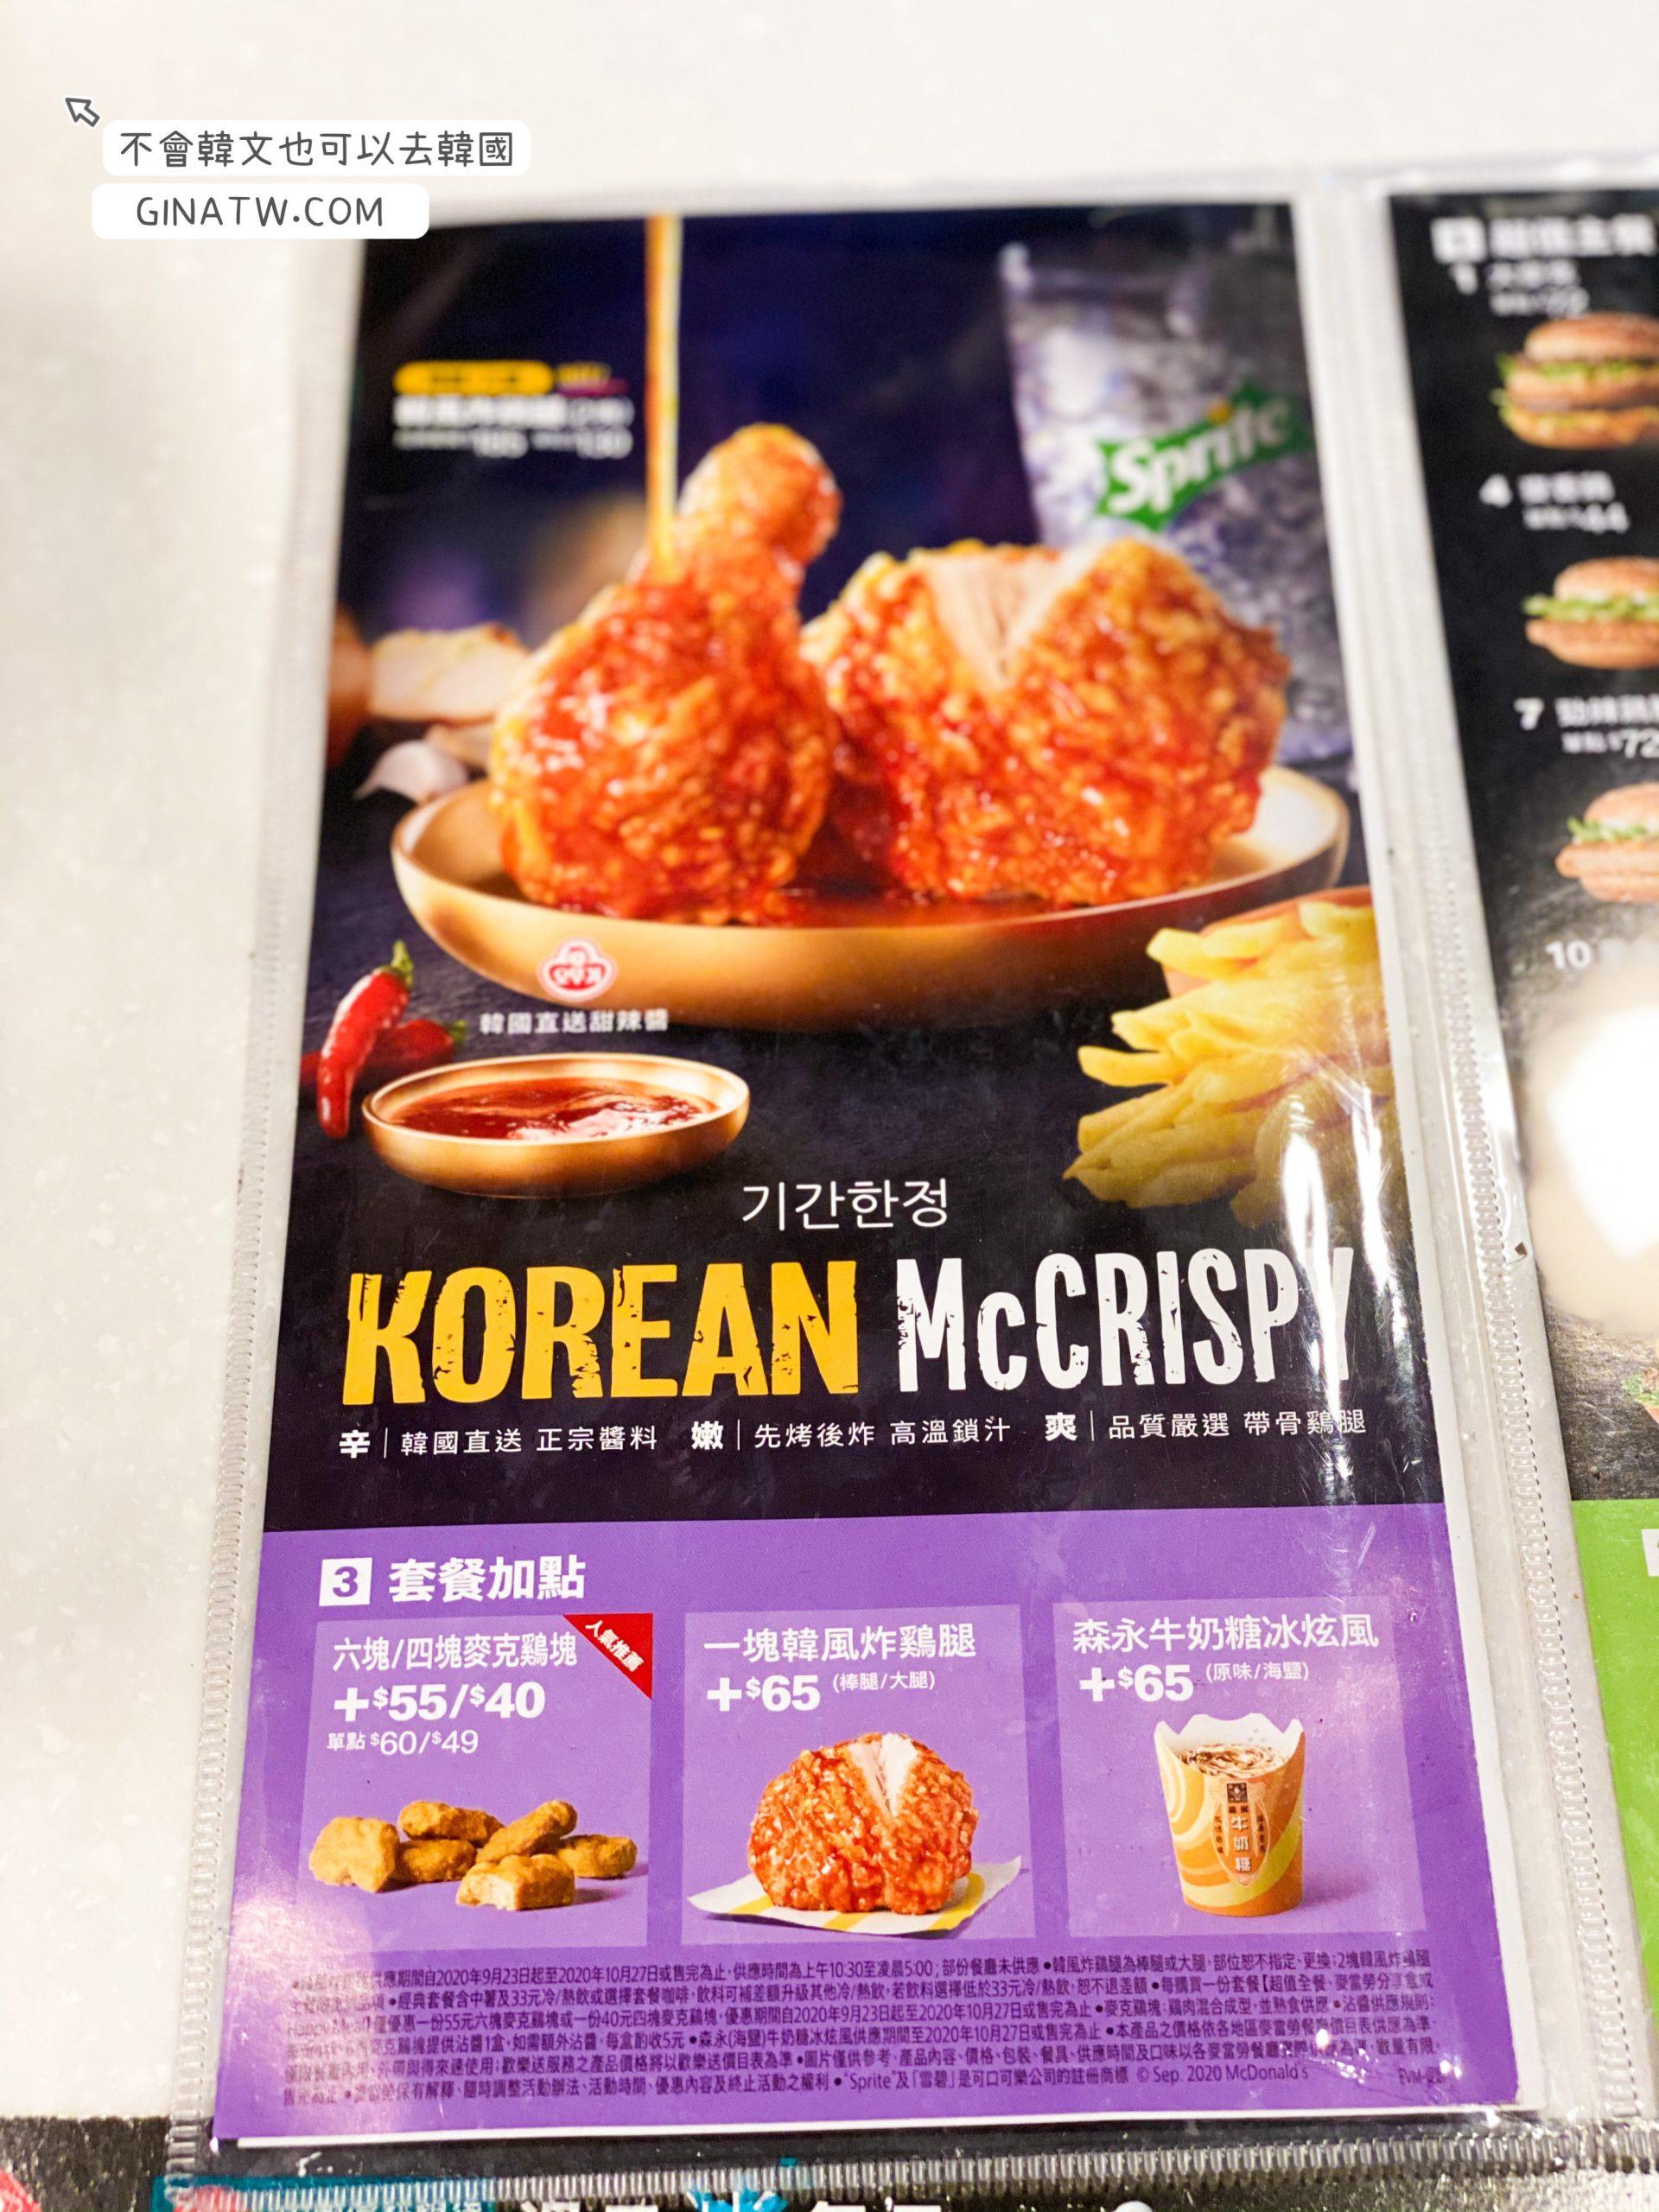 【麥當勞韓式炸雞】韓風炸雞腿|韓國直送醬料|嘗鮮期間限定 @GINA環球旅行生活|不會韓文也可以去韓國